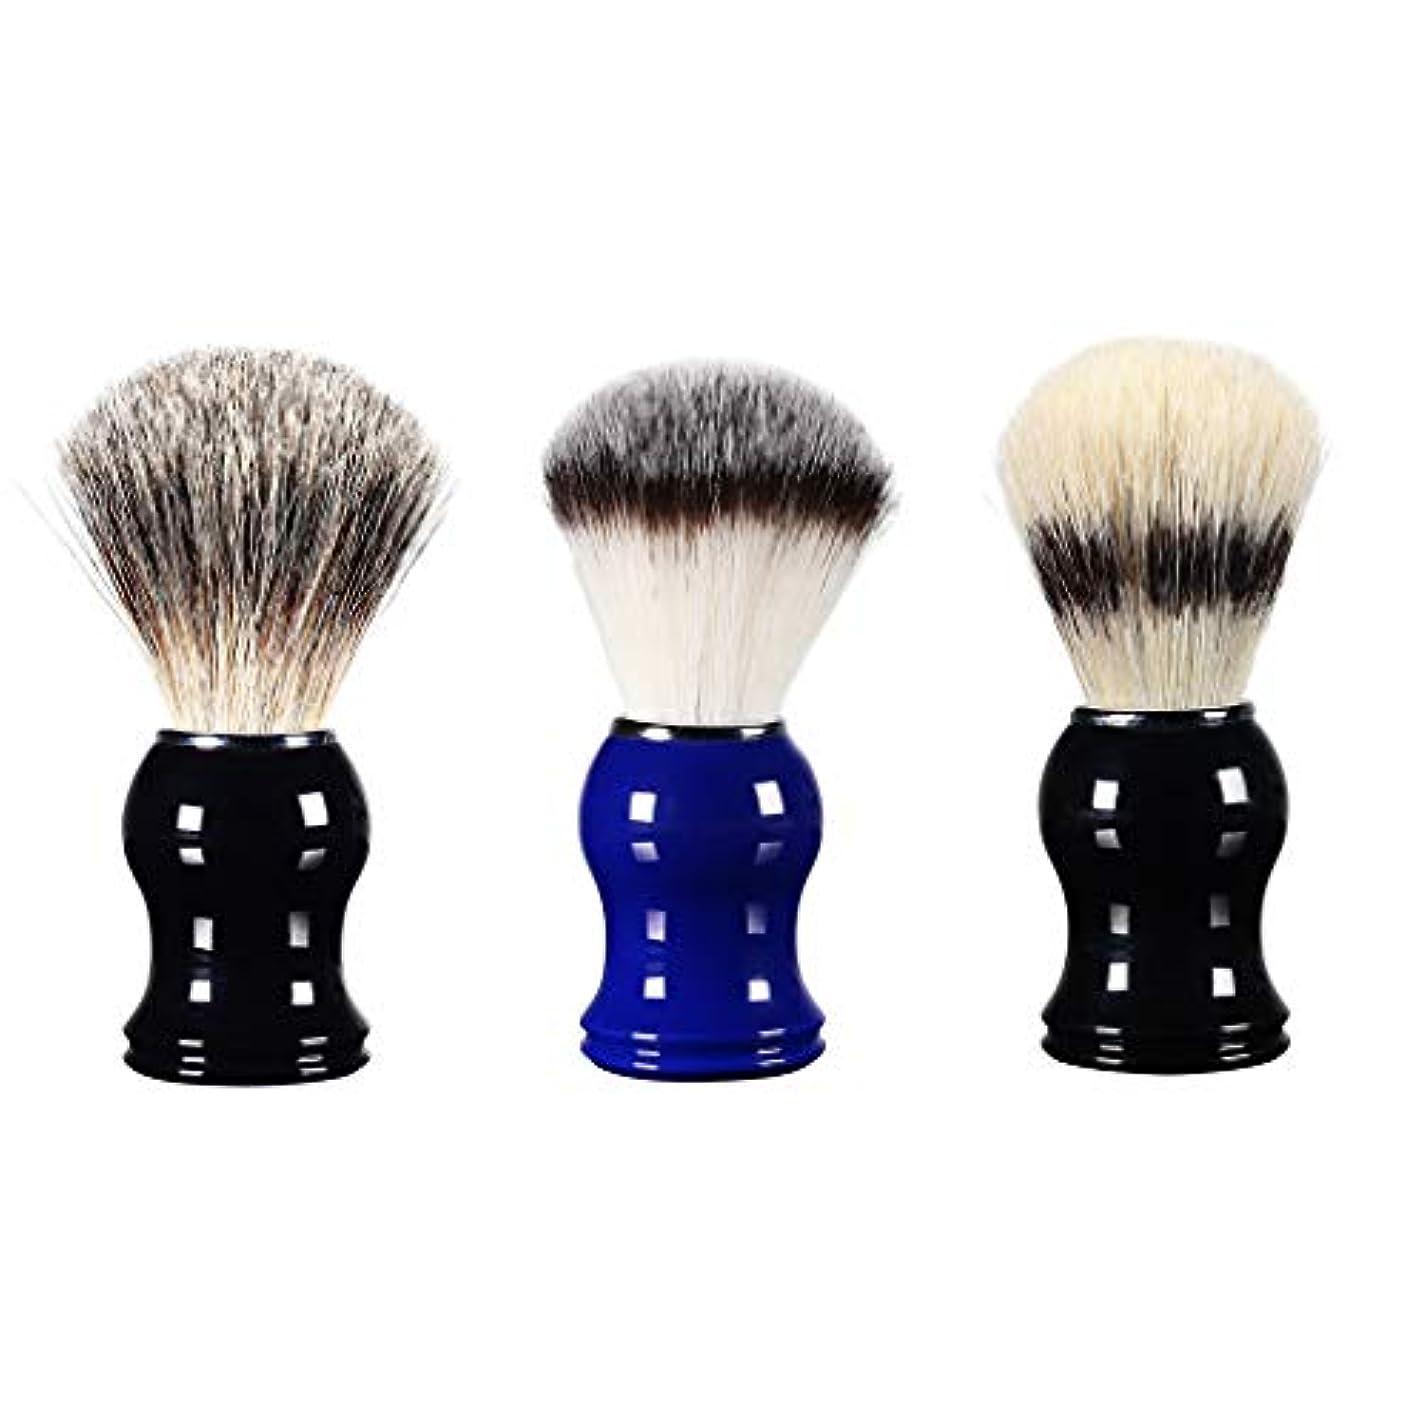 観察胃階段メンズ用 髭剃り シェービングブラシ 樹脂ハ ンドル 理容 洗顔 髭剃り 男性 ギフト 3個入